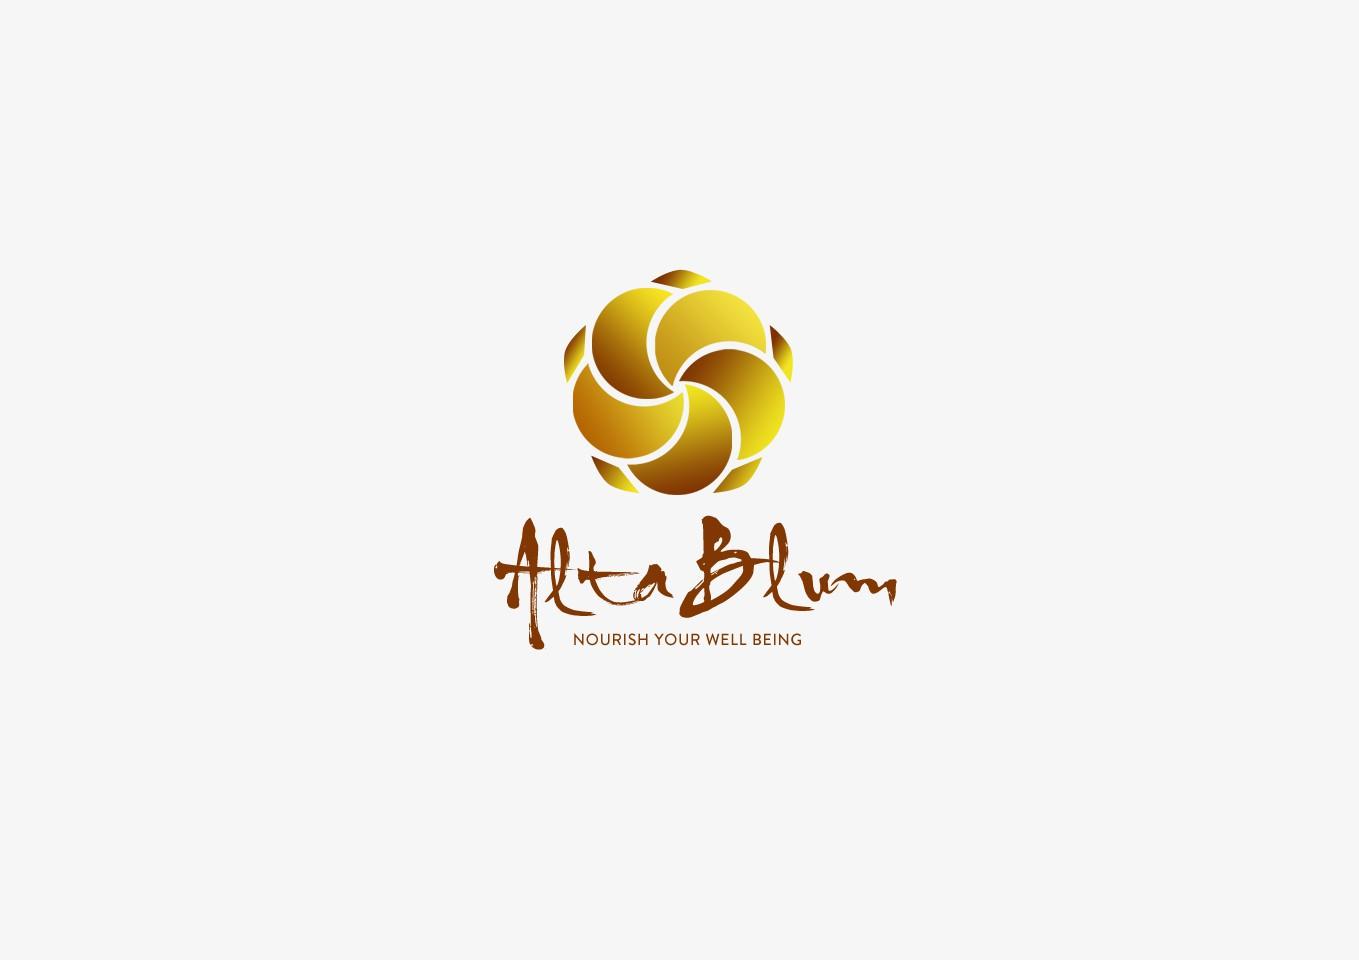 Alta Blum needs a spiritual-zen, and deeply inspiring logo